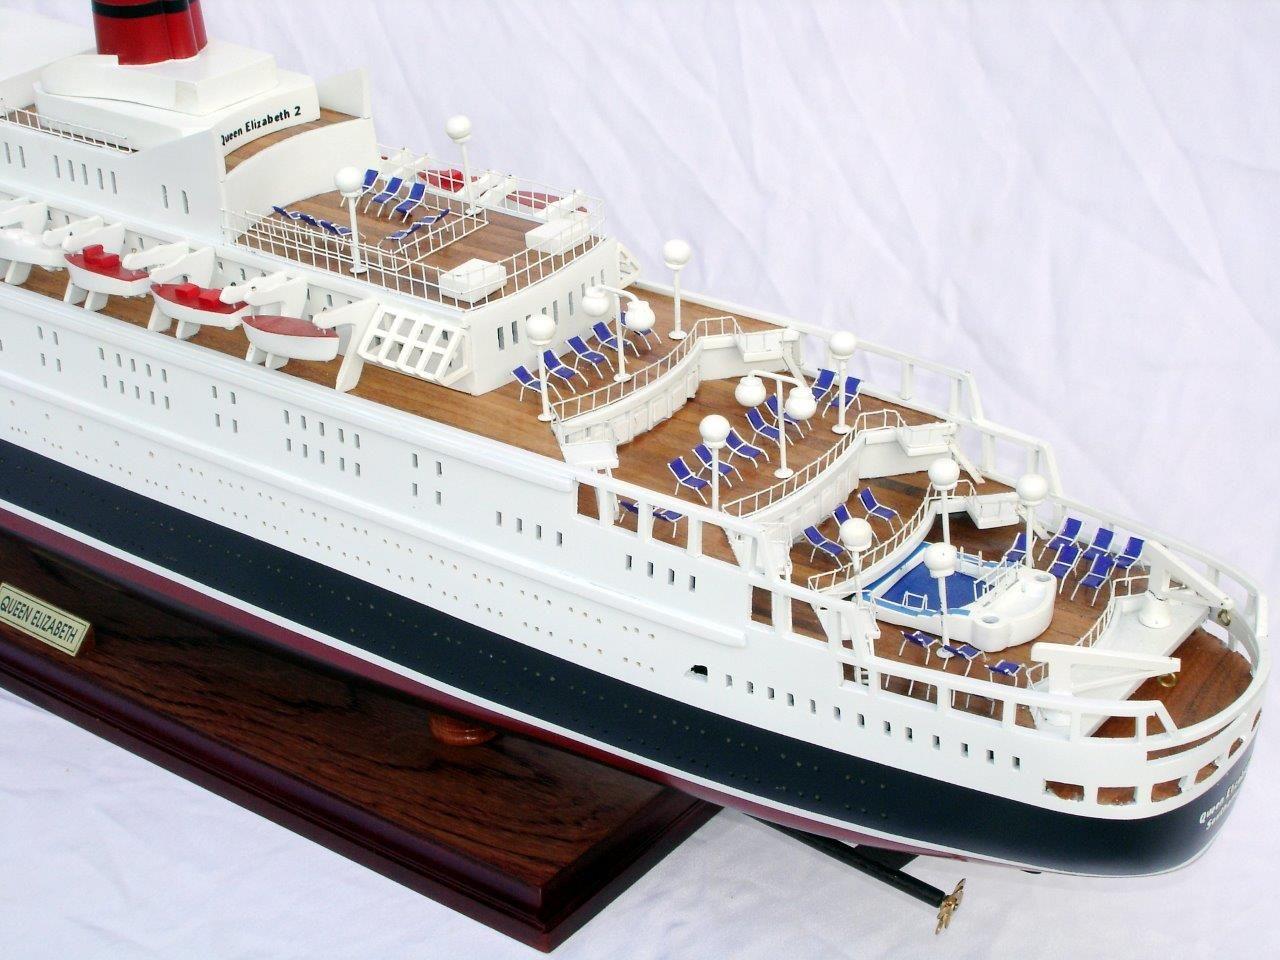 2088-12399-Queen-Elizabeth-2-Ship-Model